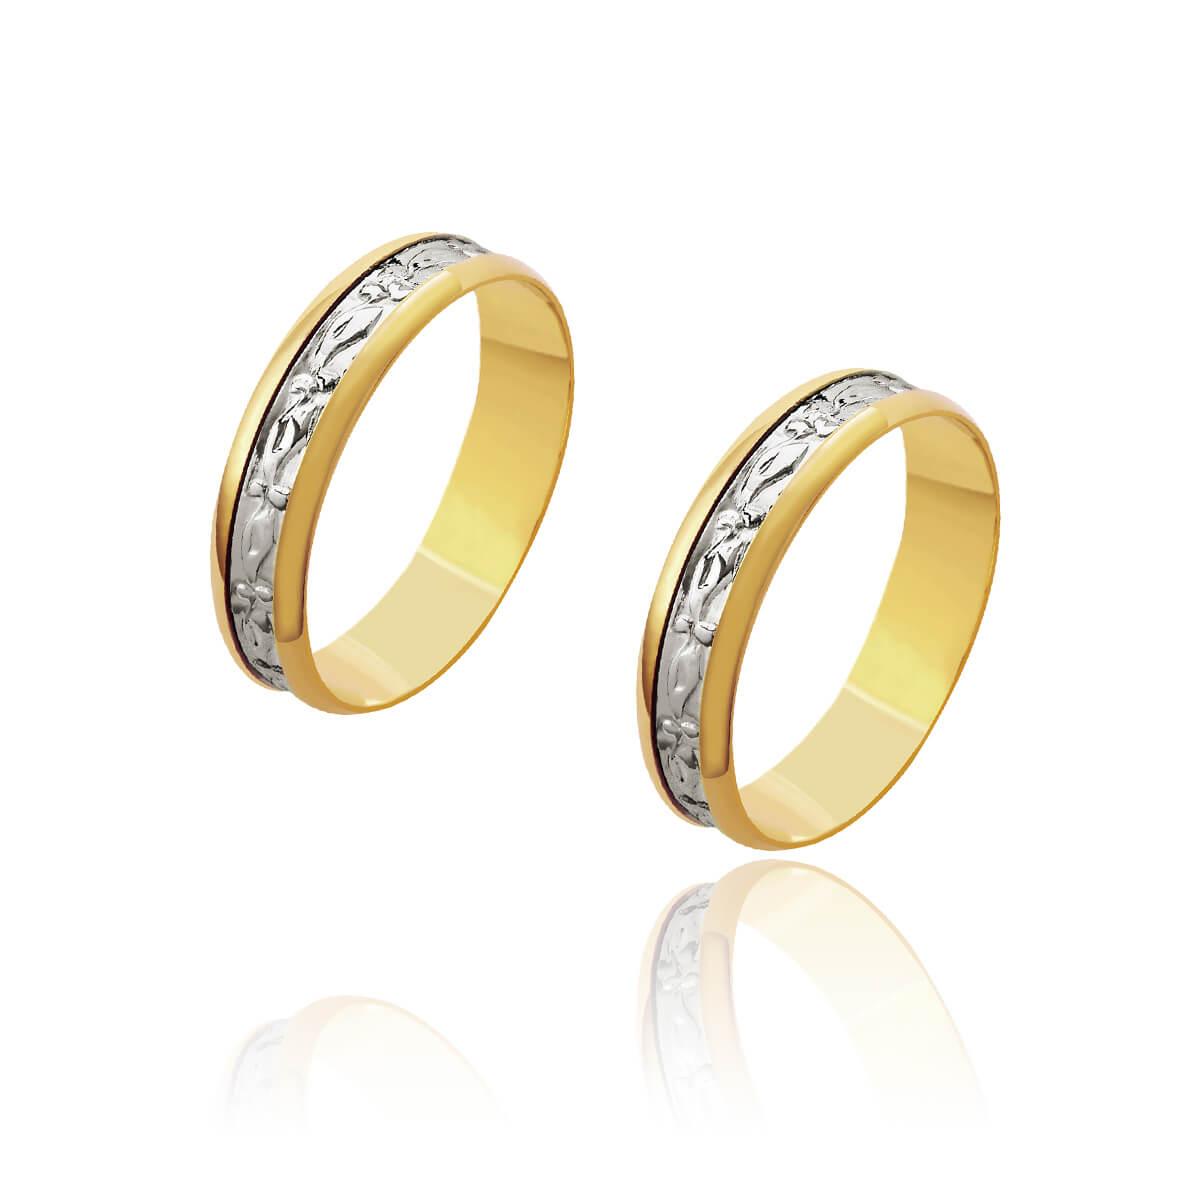 Par de Alianças de Noivado Zeus Ouro Amarelo e Ouro Branco Central 5mm 6g